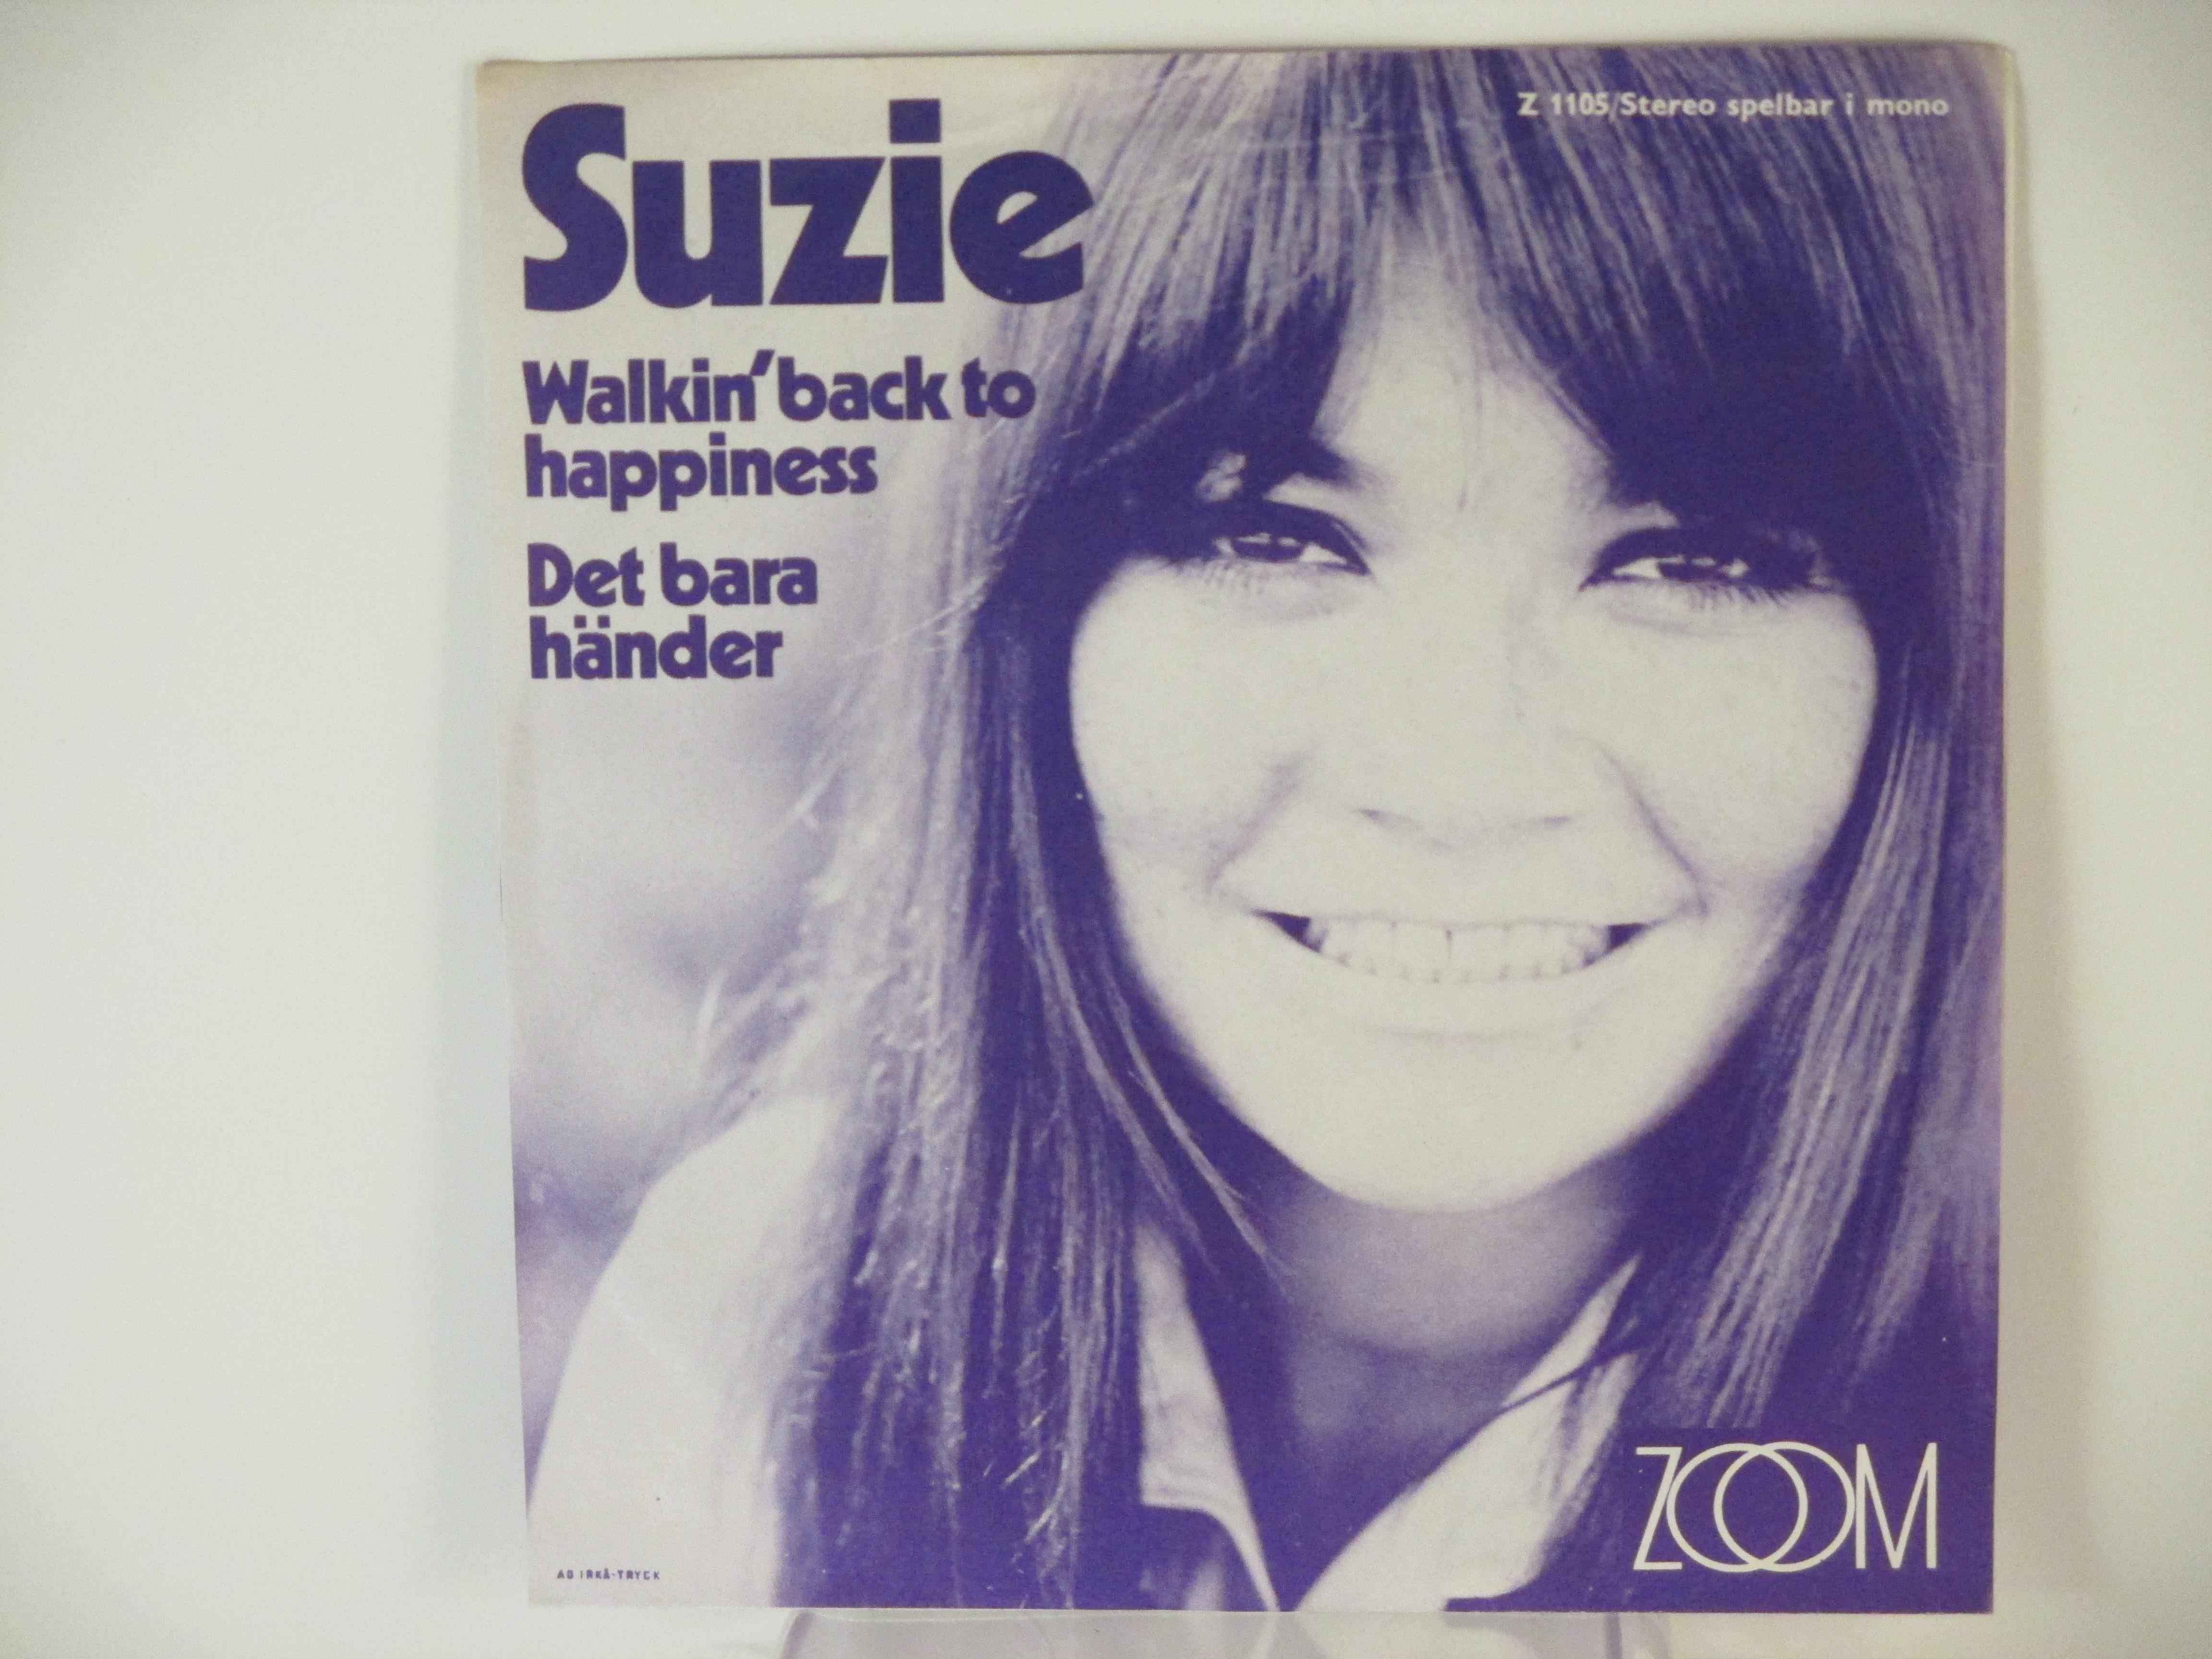 SUZIE : Walkin' back to happiness / Det bara händer